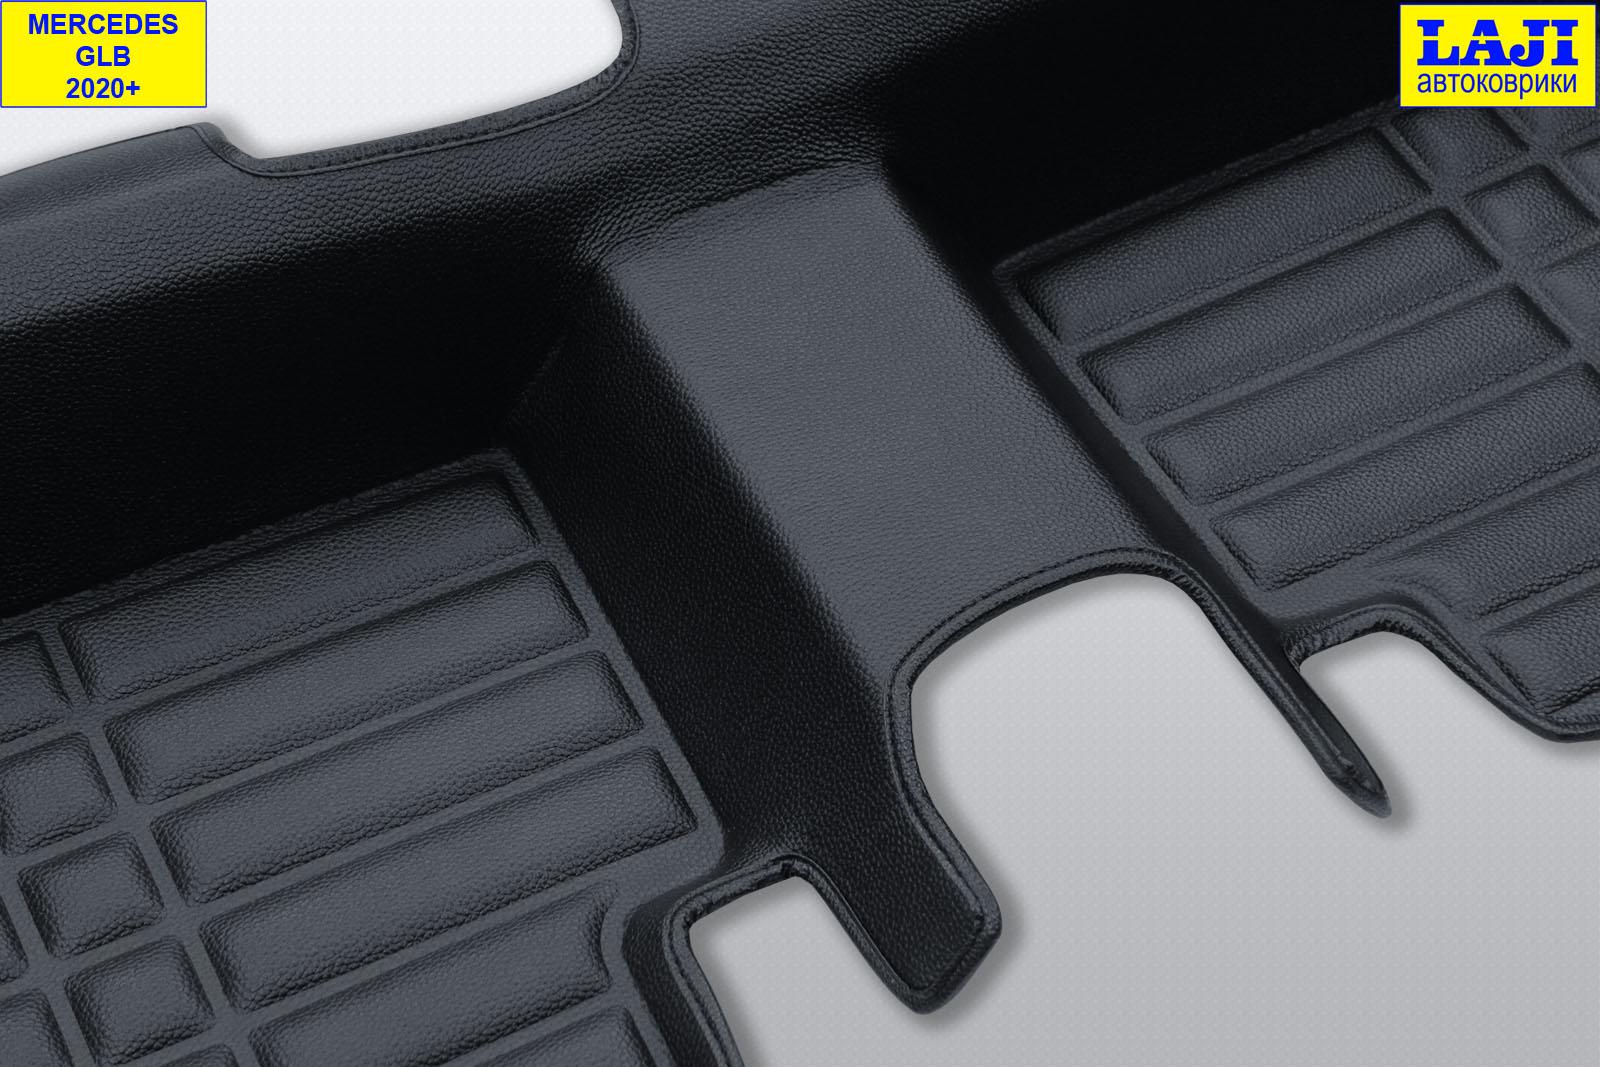 5D коврики в салон Mercedes GLB 2020-н.в. 11